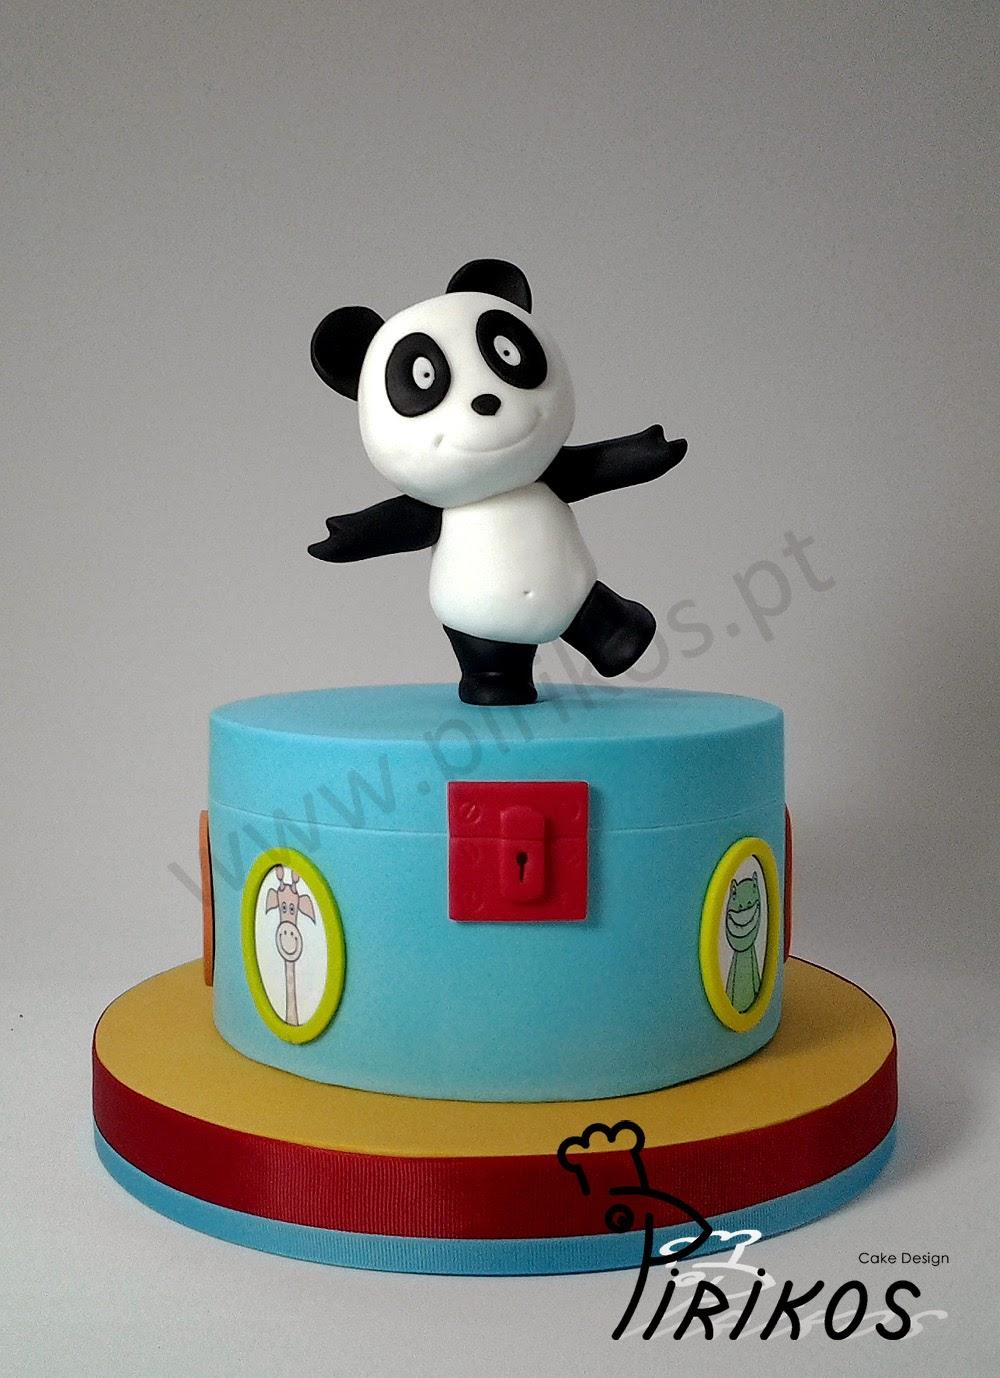 Inscrição Iniciação ao Cake Design